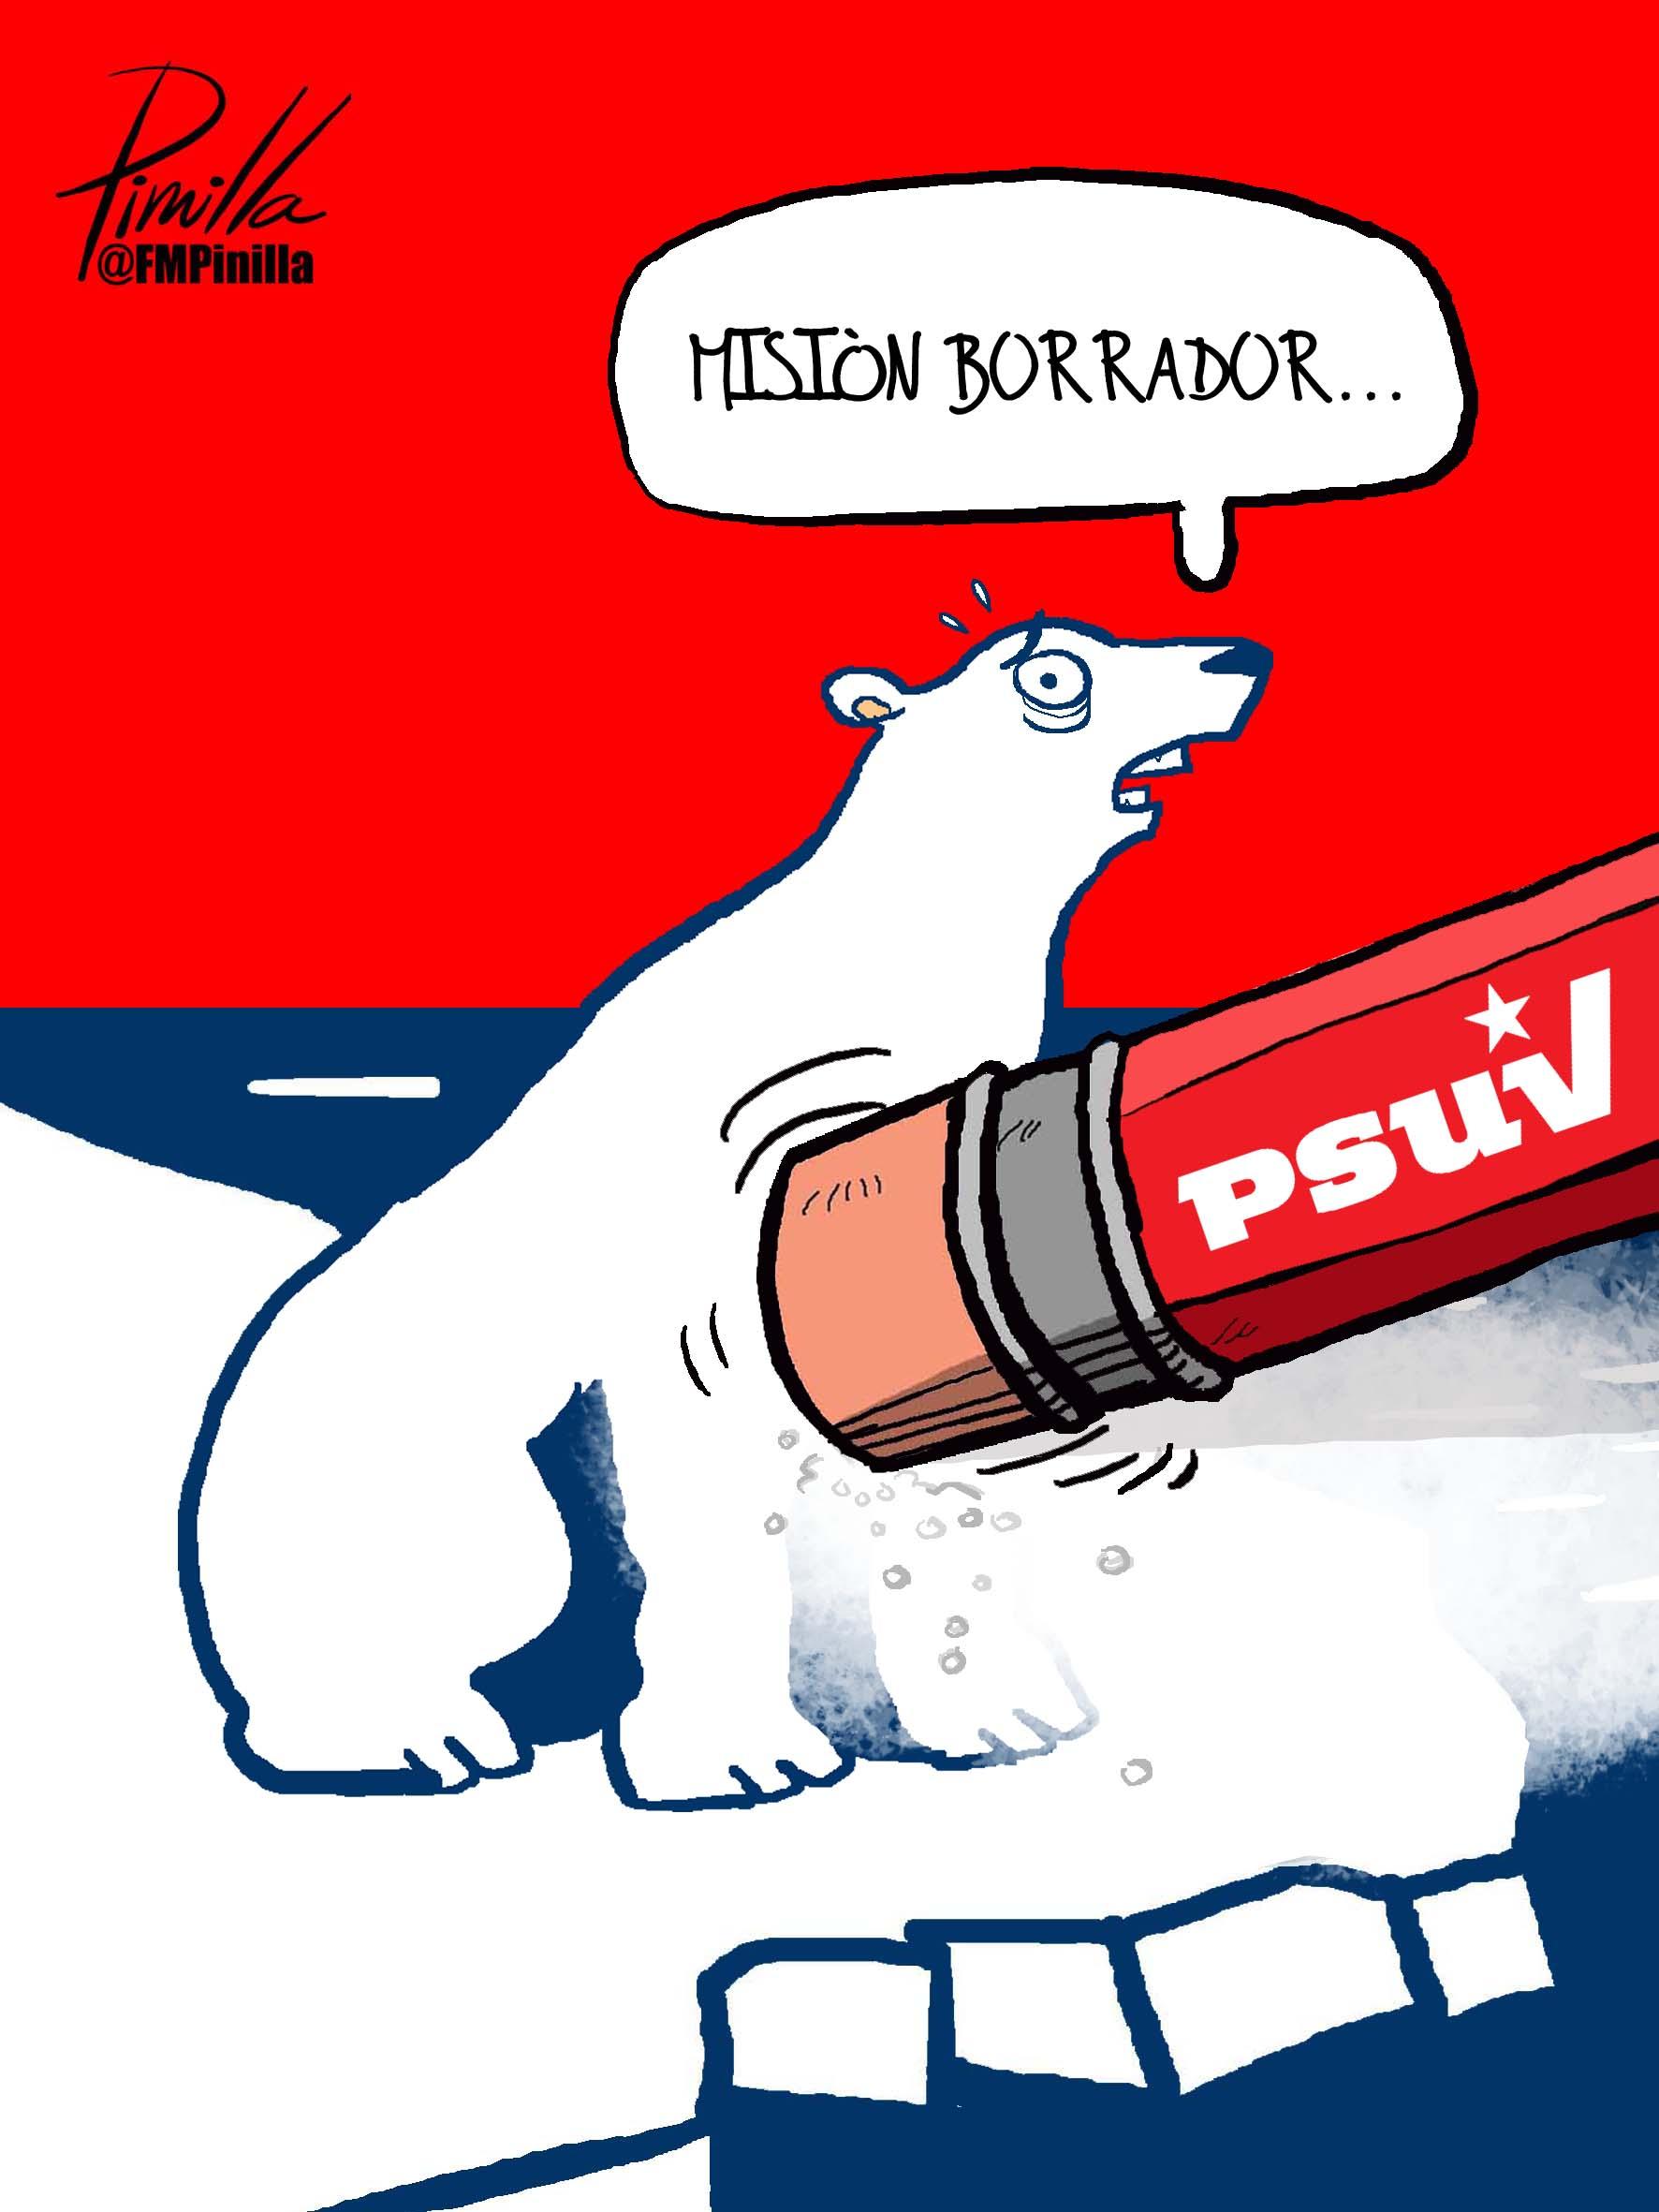 borrando a polar